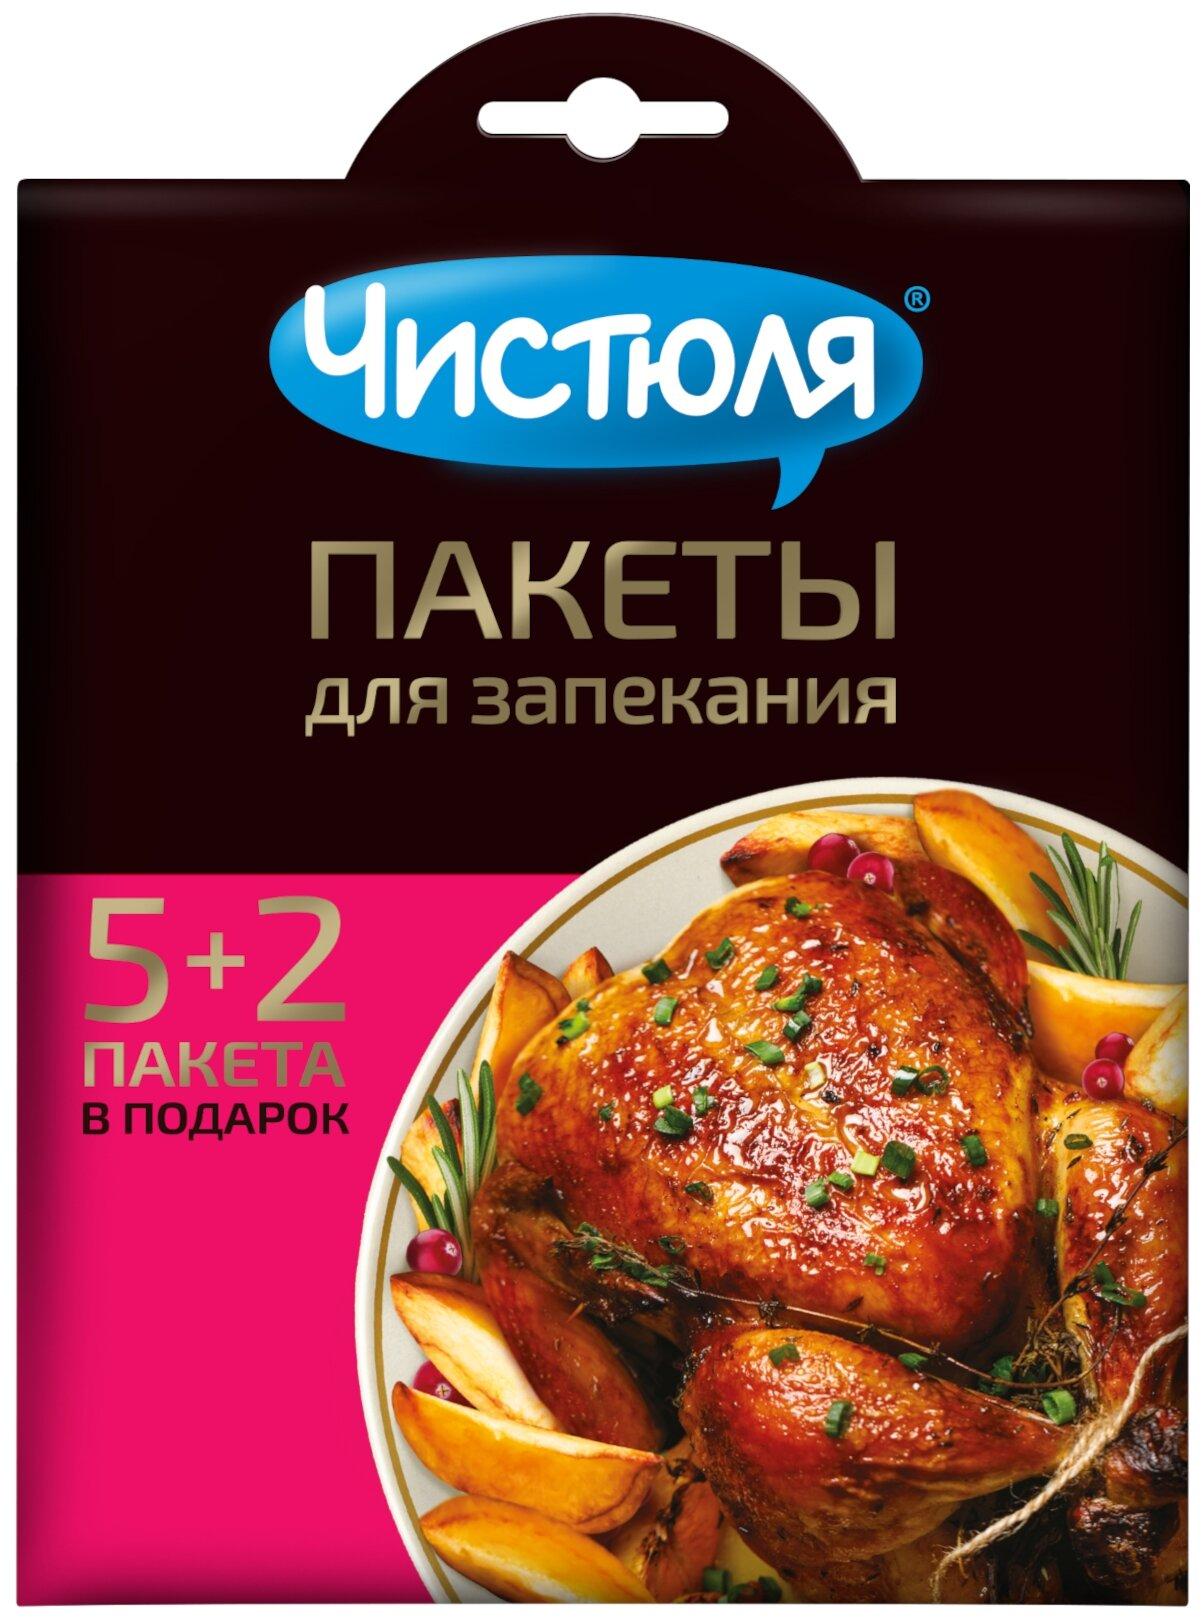 Пакеты для запекания Чистюля — купить по выгодной цене на Яндекс.Маркете